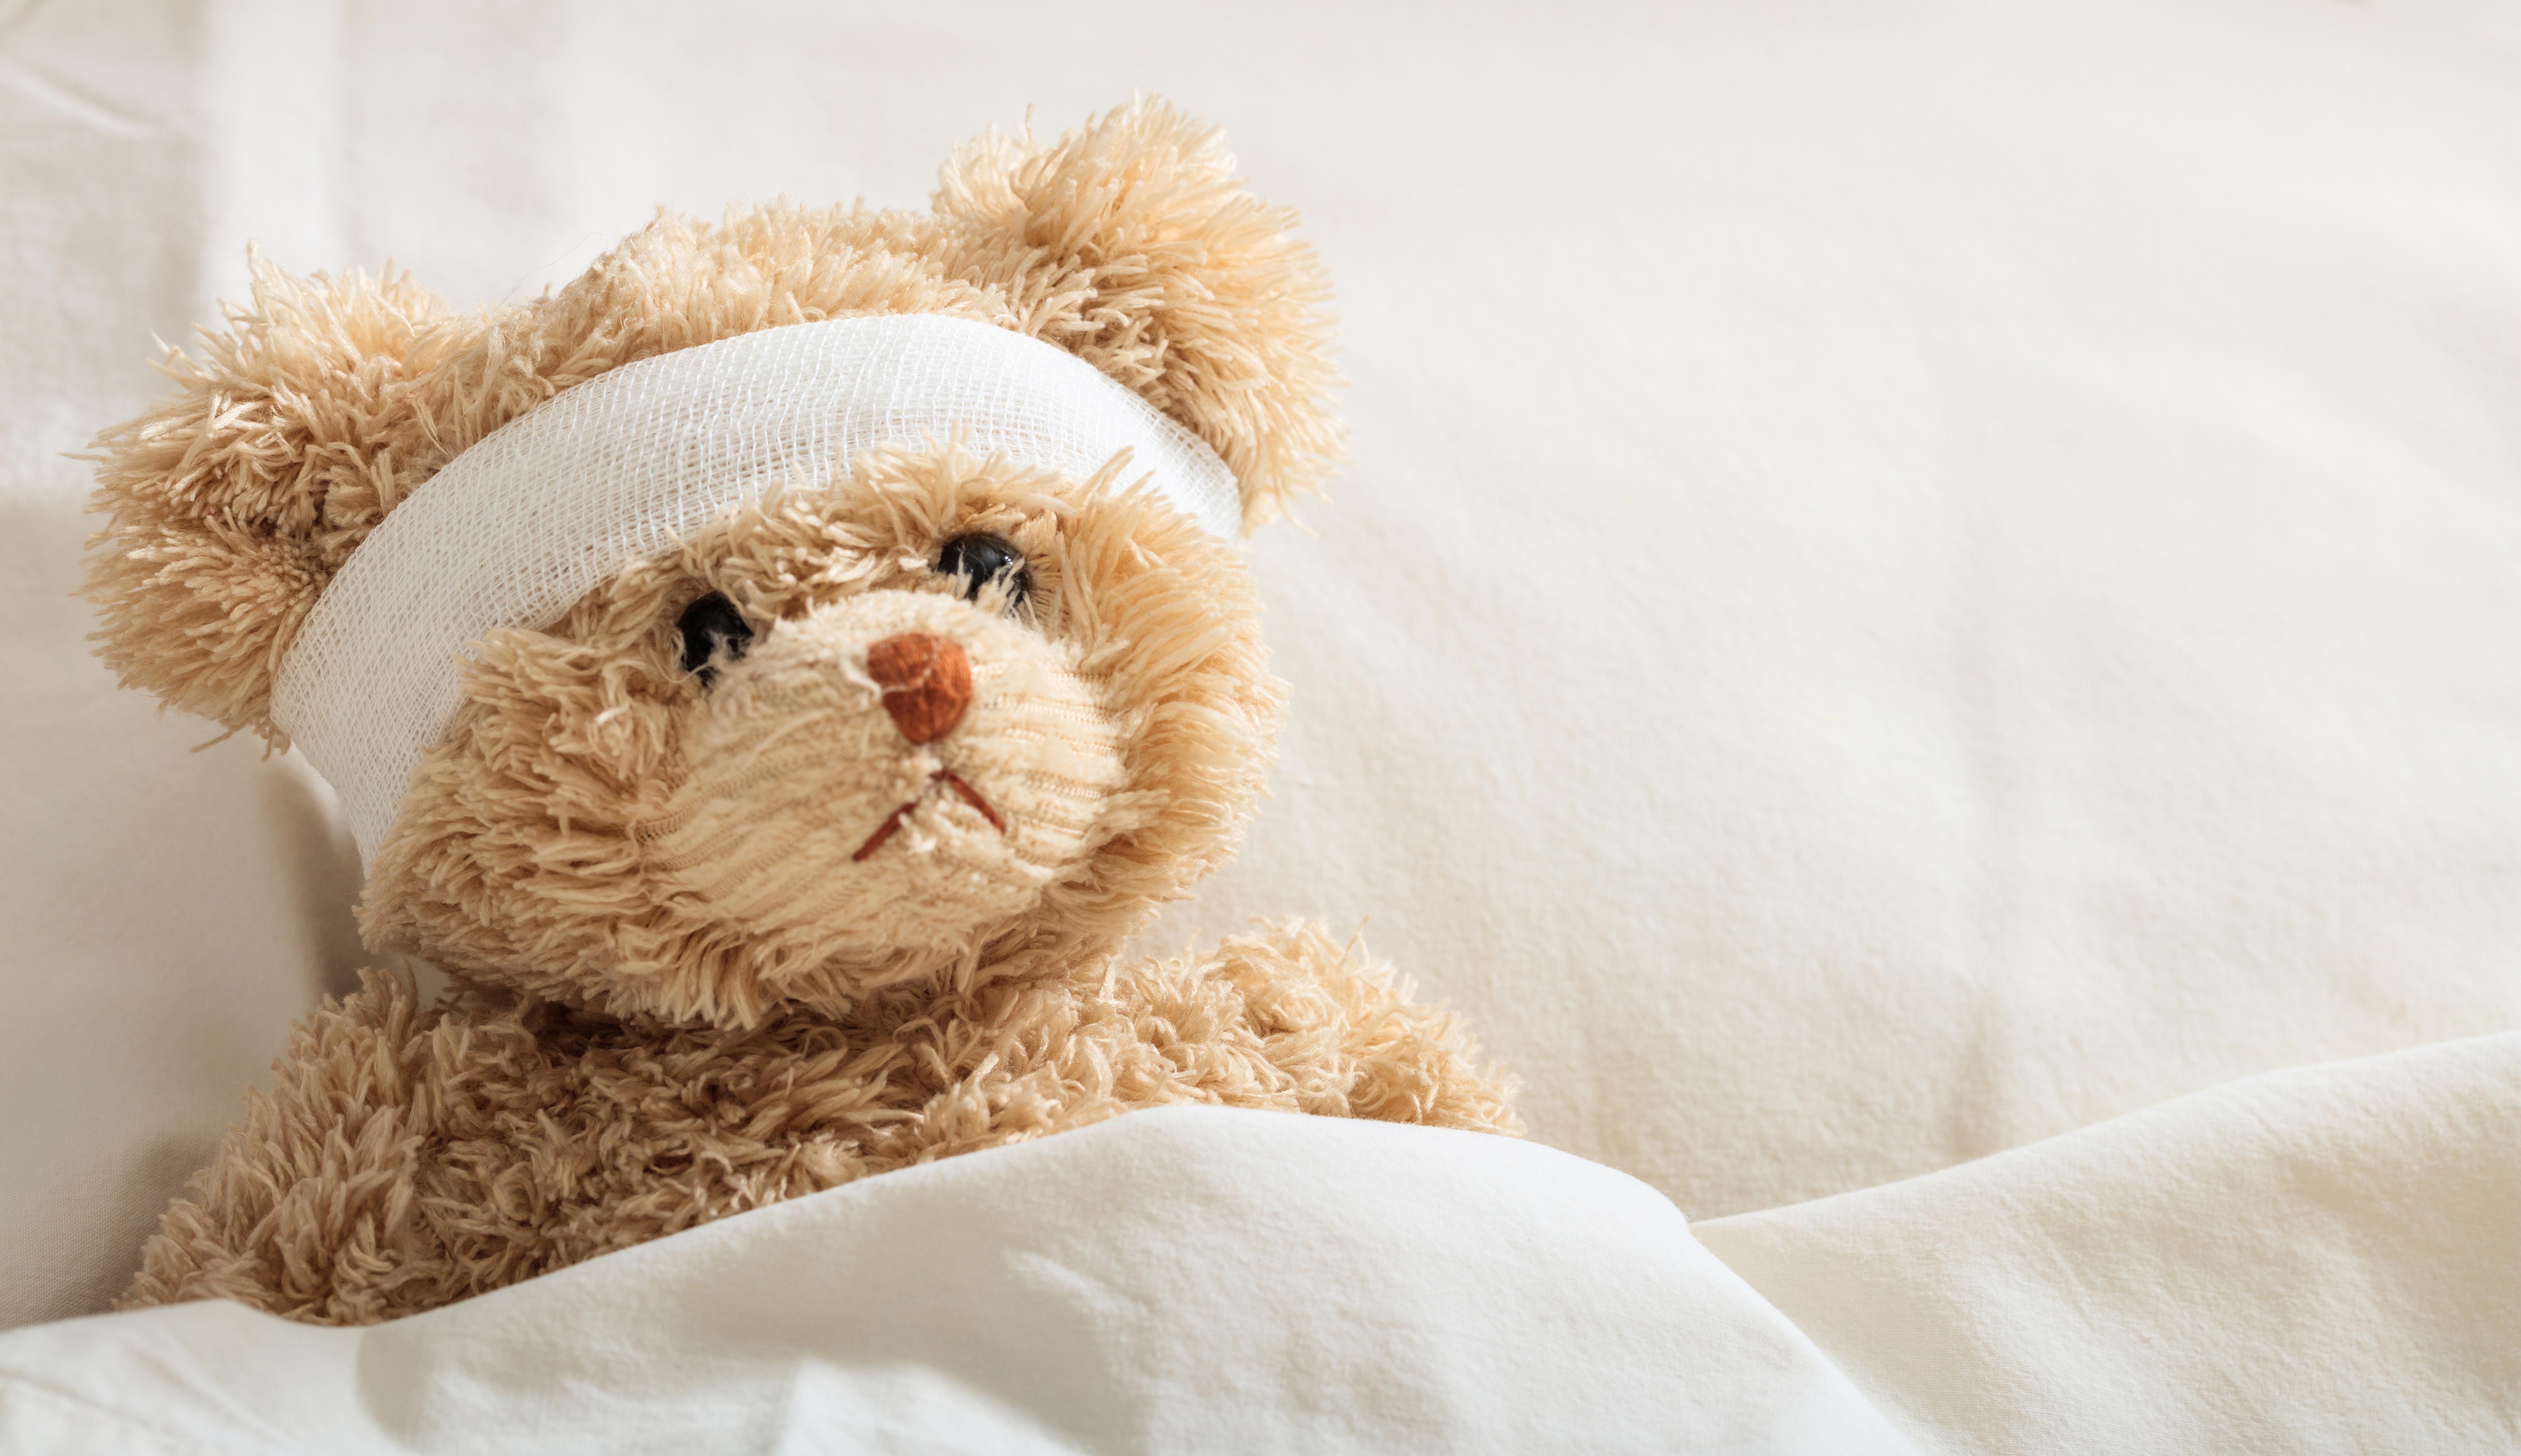 NM21 ICU KRT Timing in Pediatric ICU shutterstock_715173442